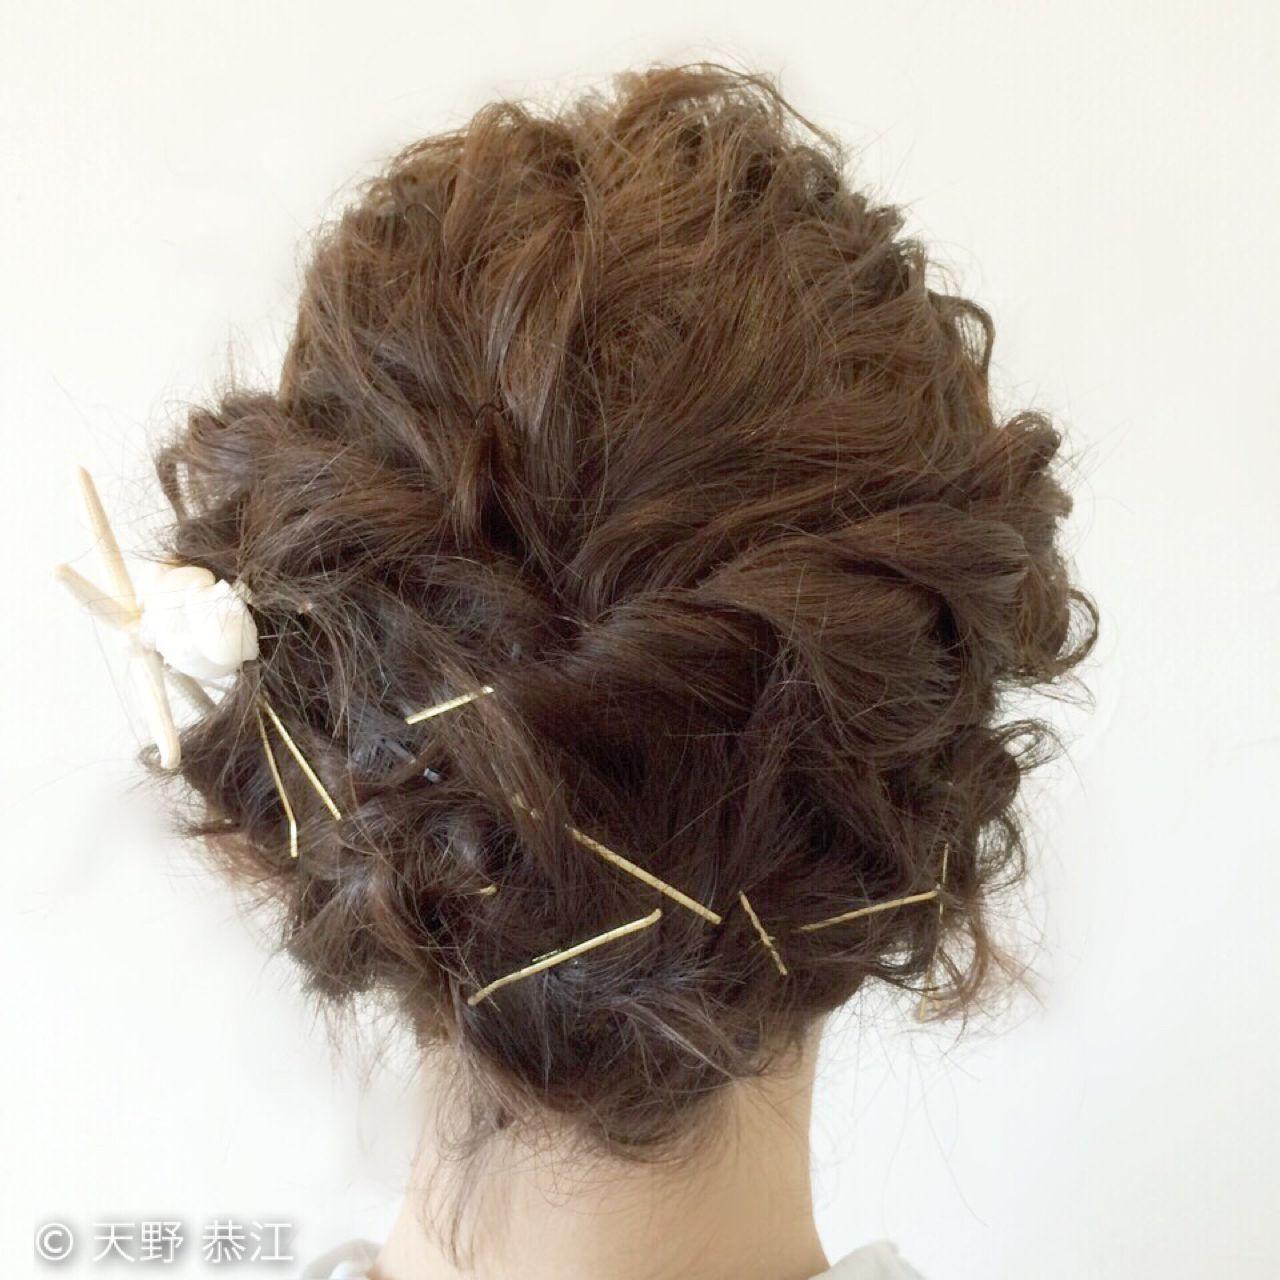 短くても可愛い髪型を楽しみたい!ショートヘアのアレンジ&セット法 天野 恭江